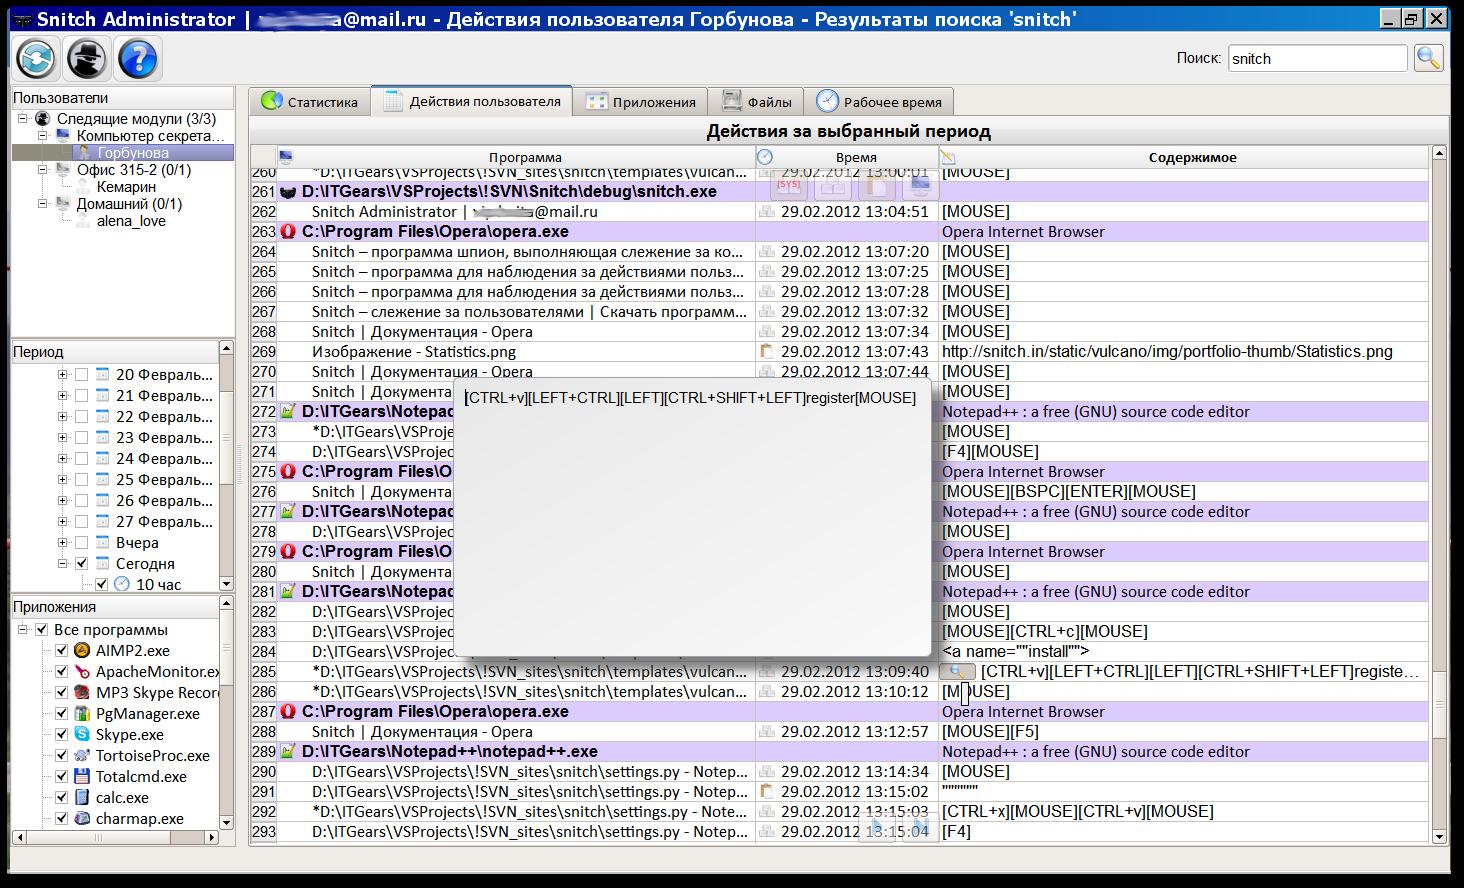 Рис. 4 – Подробный отчёт о действиях пользователя в файловой системе